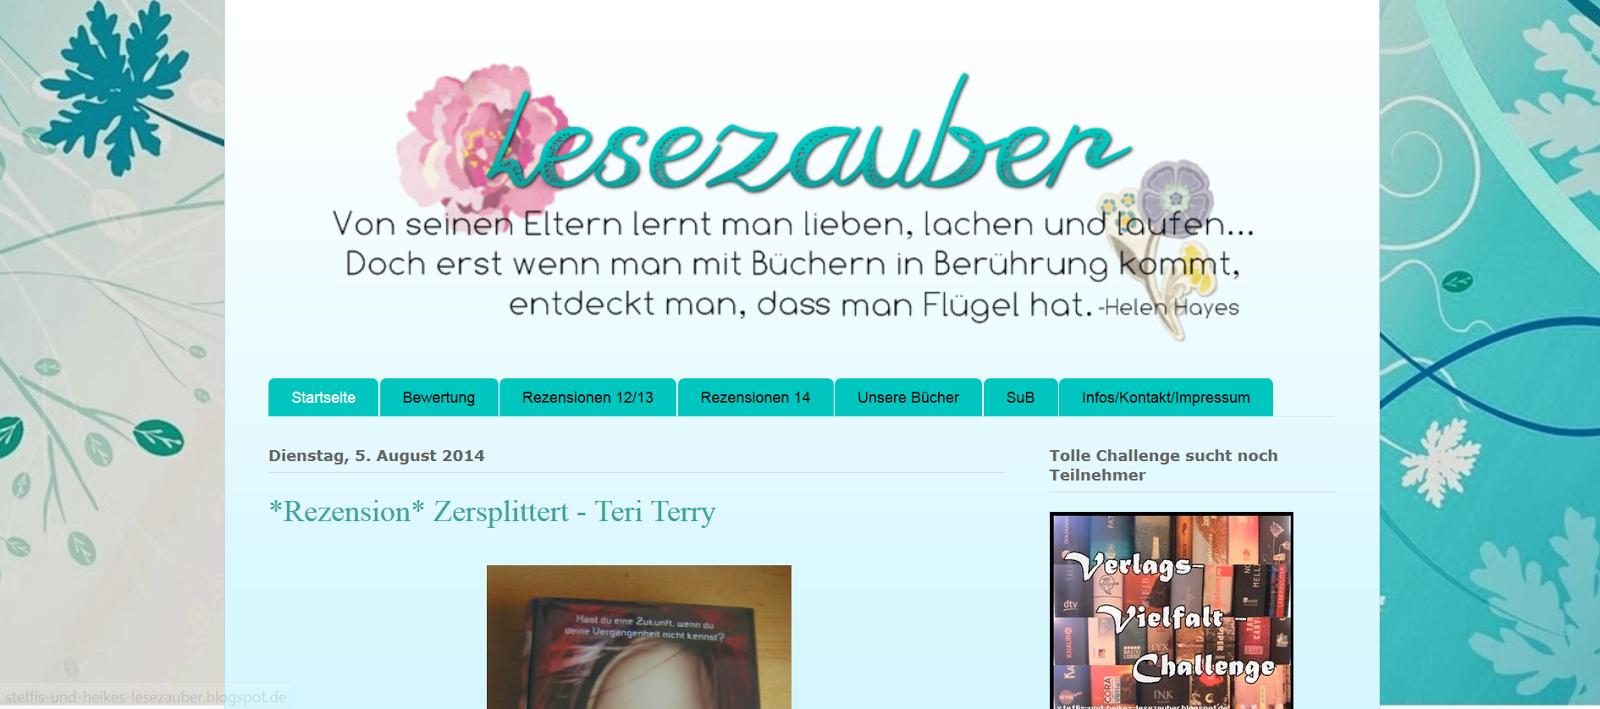 http://steffis-und-heikes-lesezauber.blogspot.de/